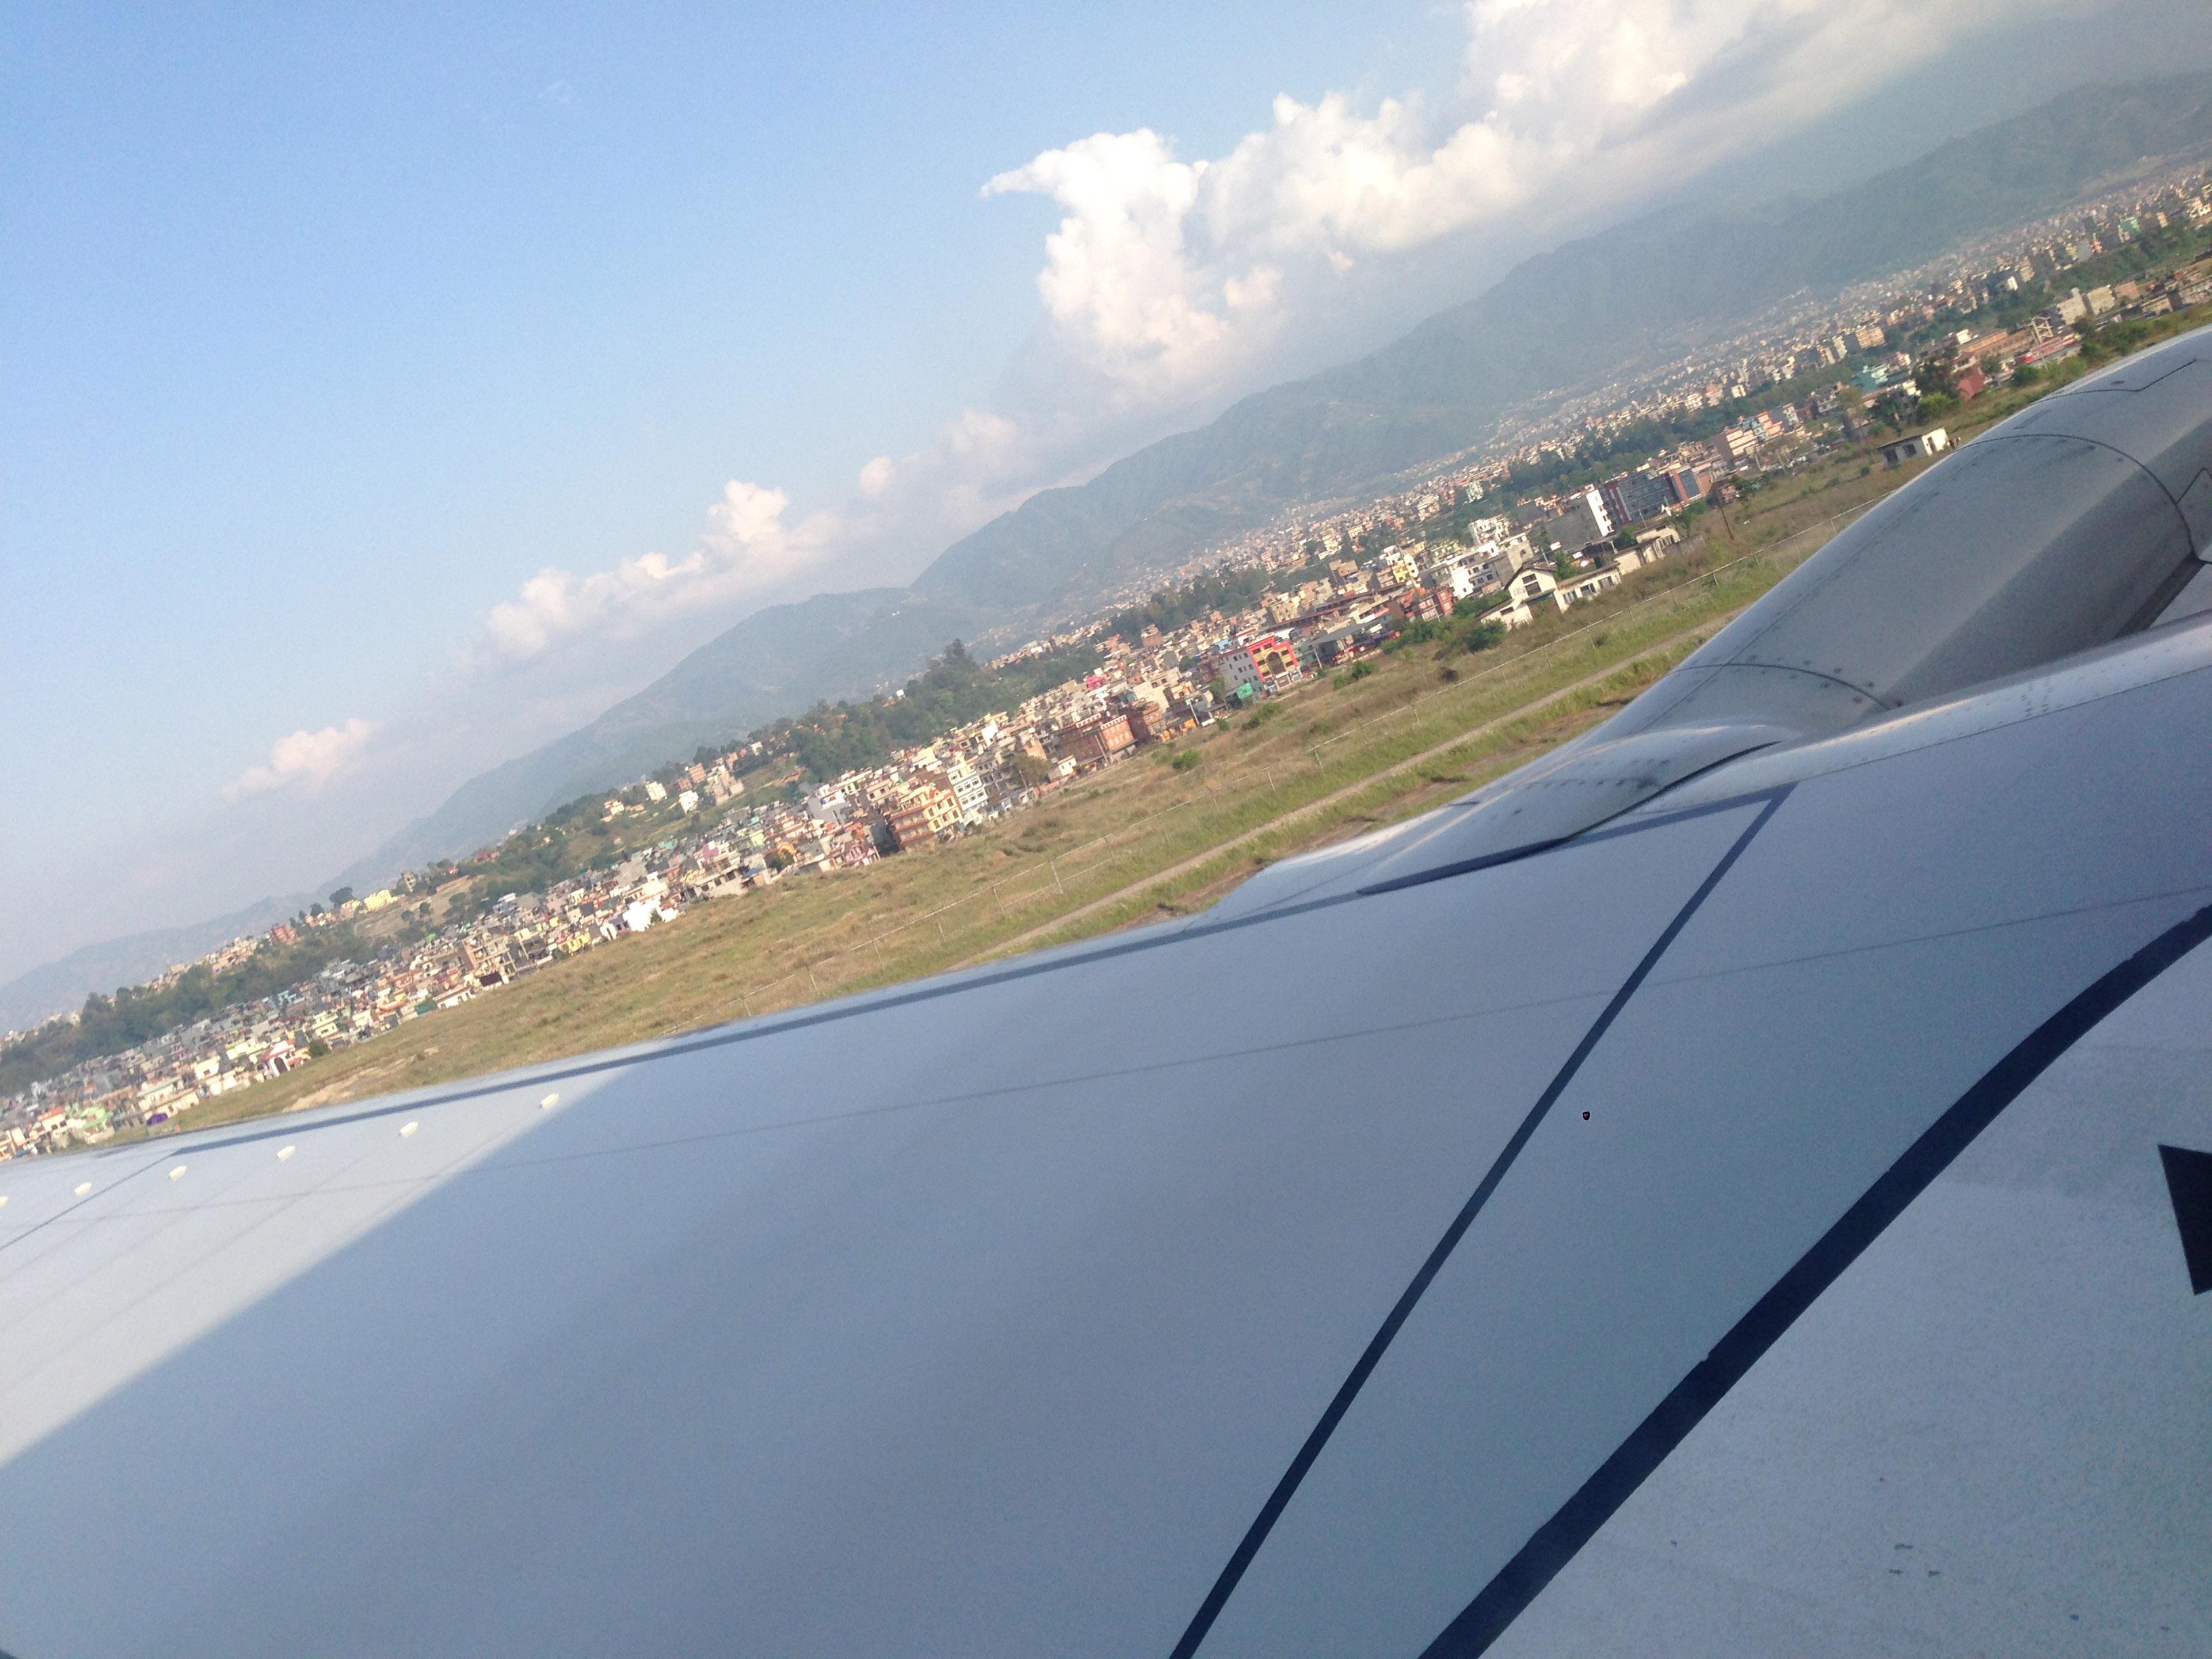 22-kathmandu nhìn từ máy bay - 1